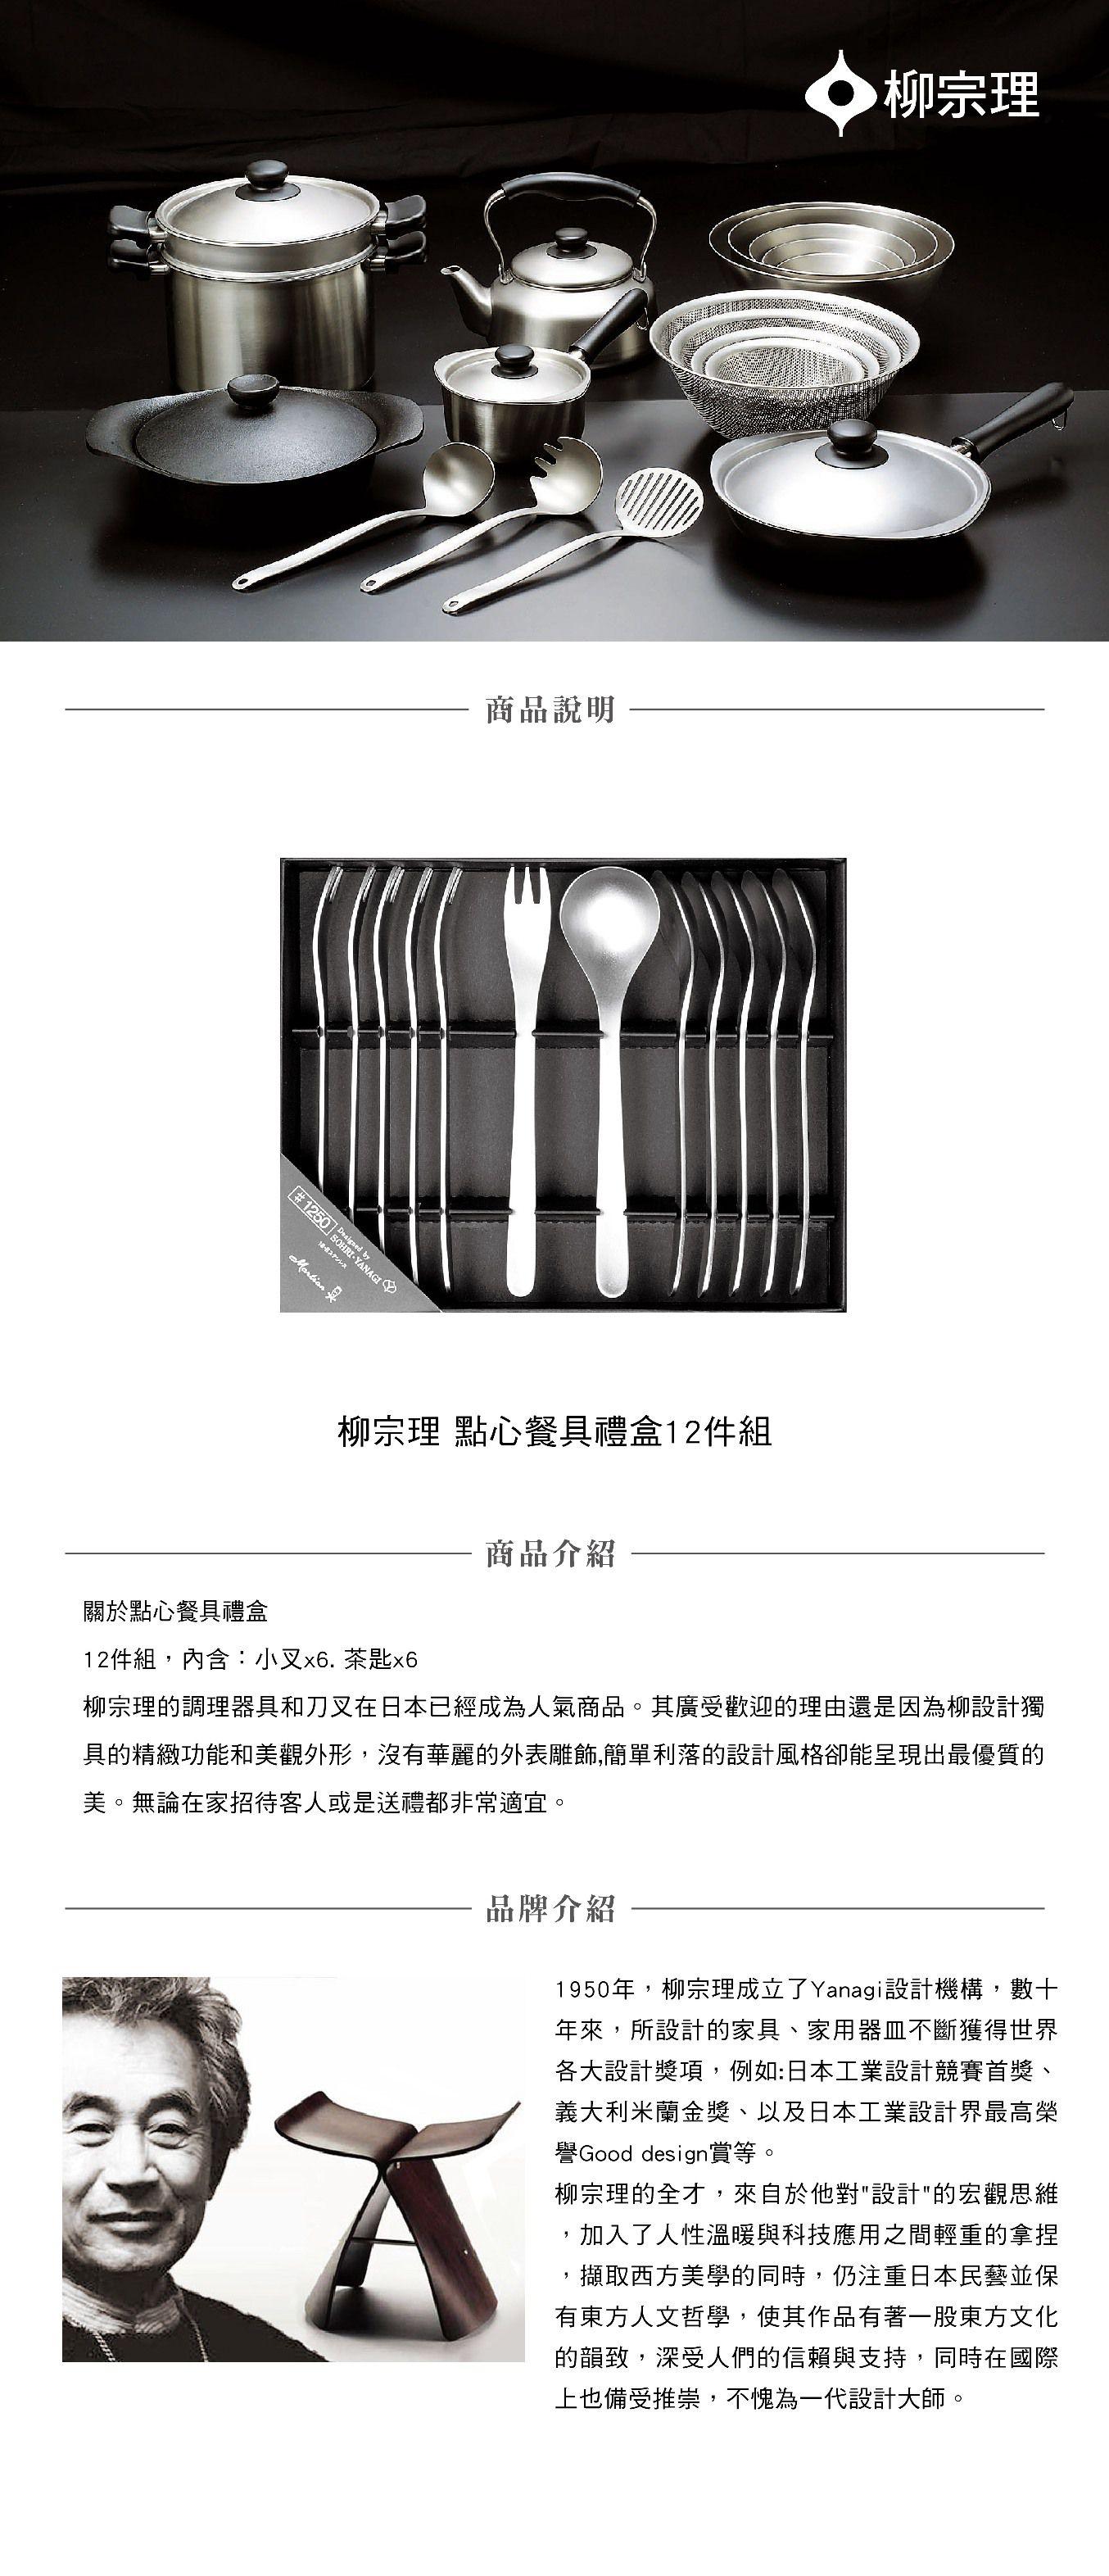 日本 柳宗理 不鏽鋼刀叉禮盒 12入組 (6小叉6茶匙)